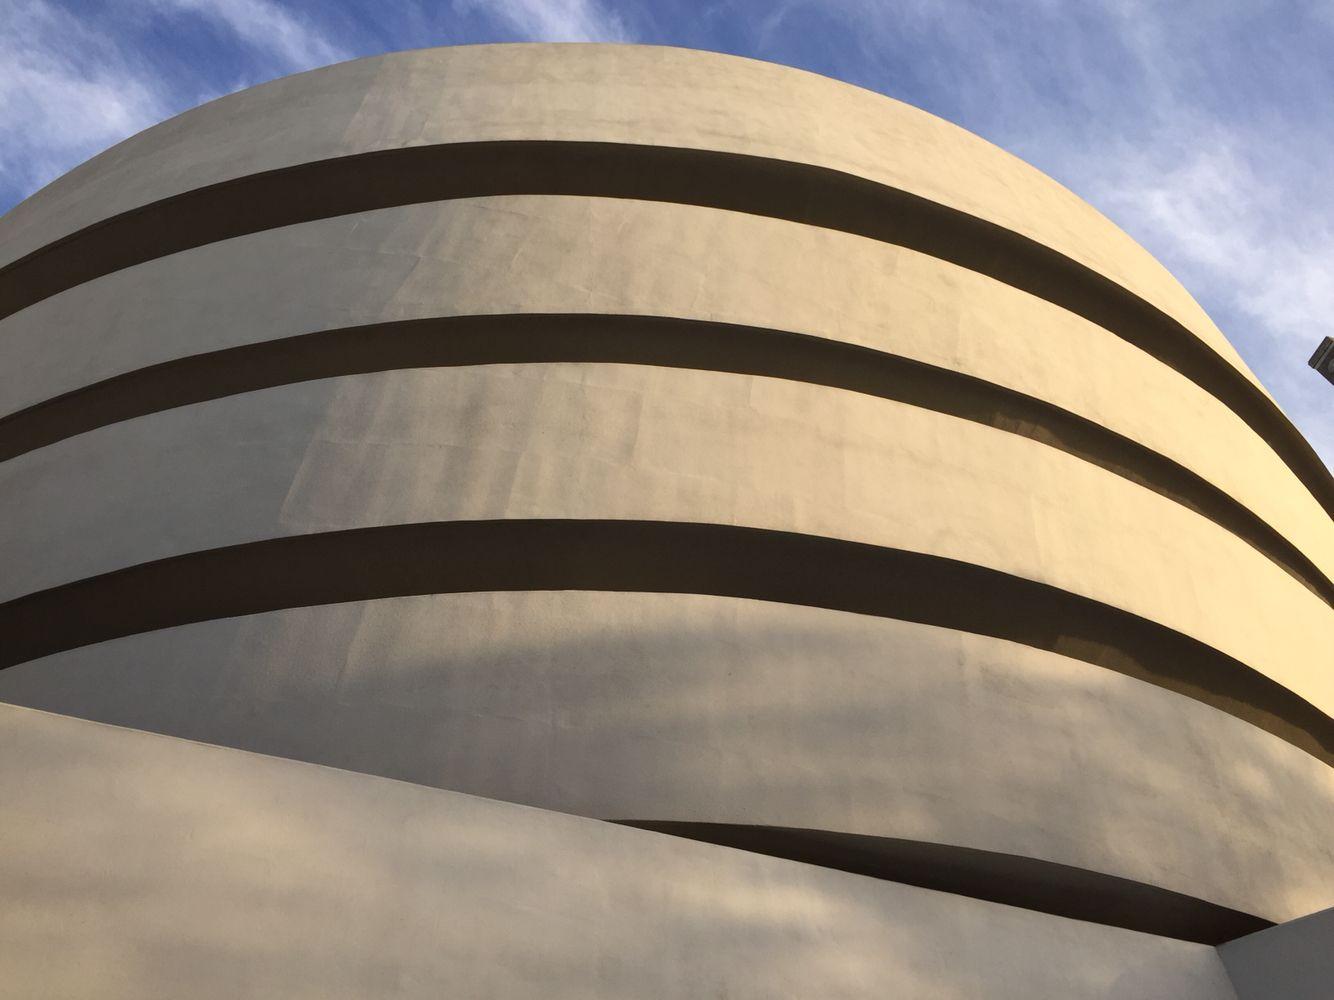 Guggenheim museum in New-York city